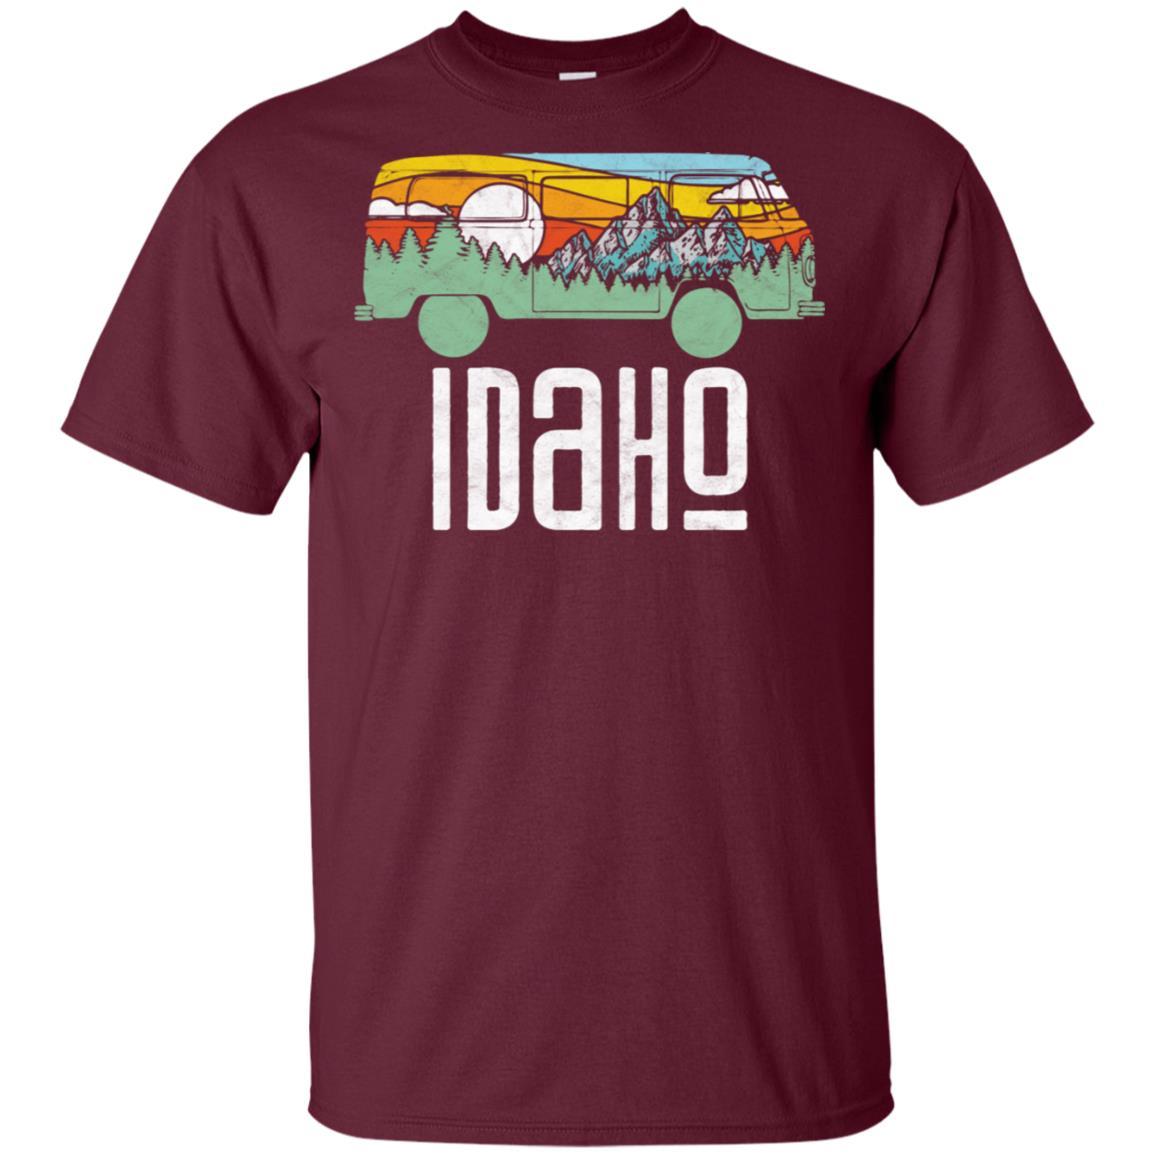 Retro Idaho Outdoor Hippie Van Nature Tee Unisex Short Sleeve